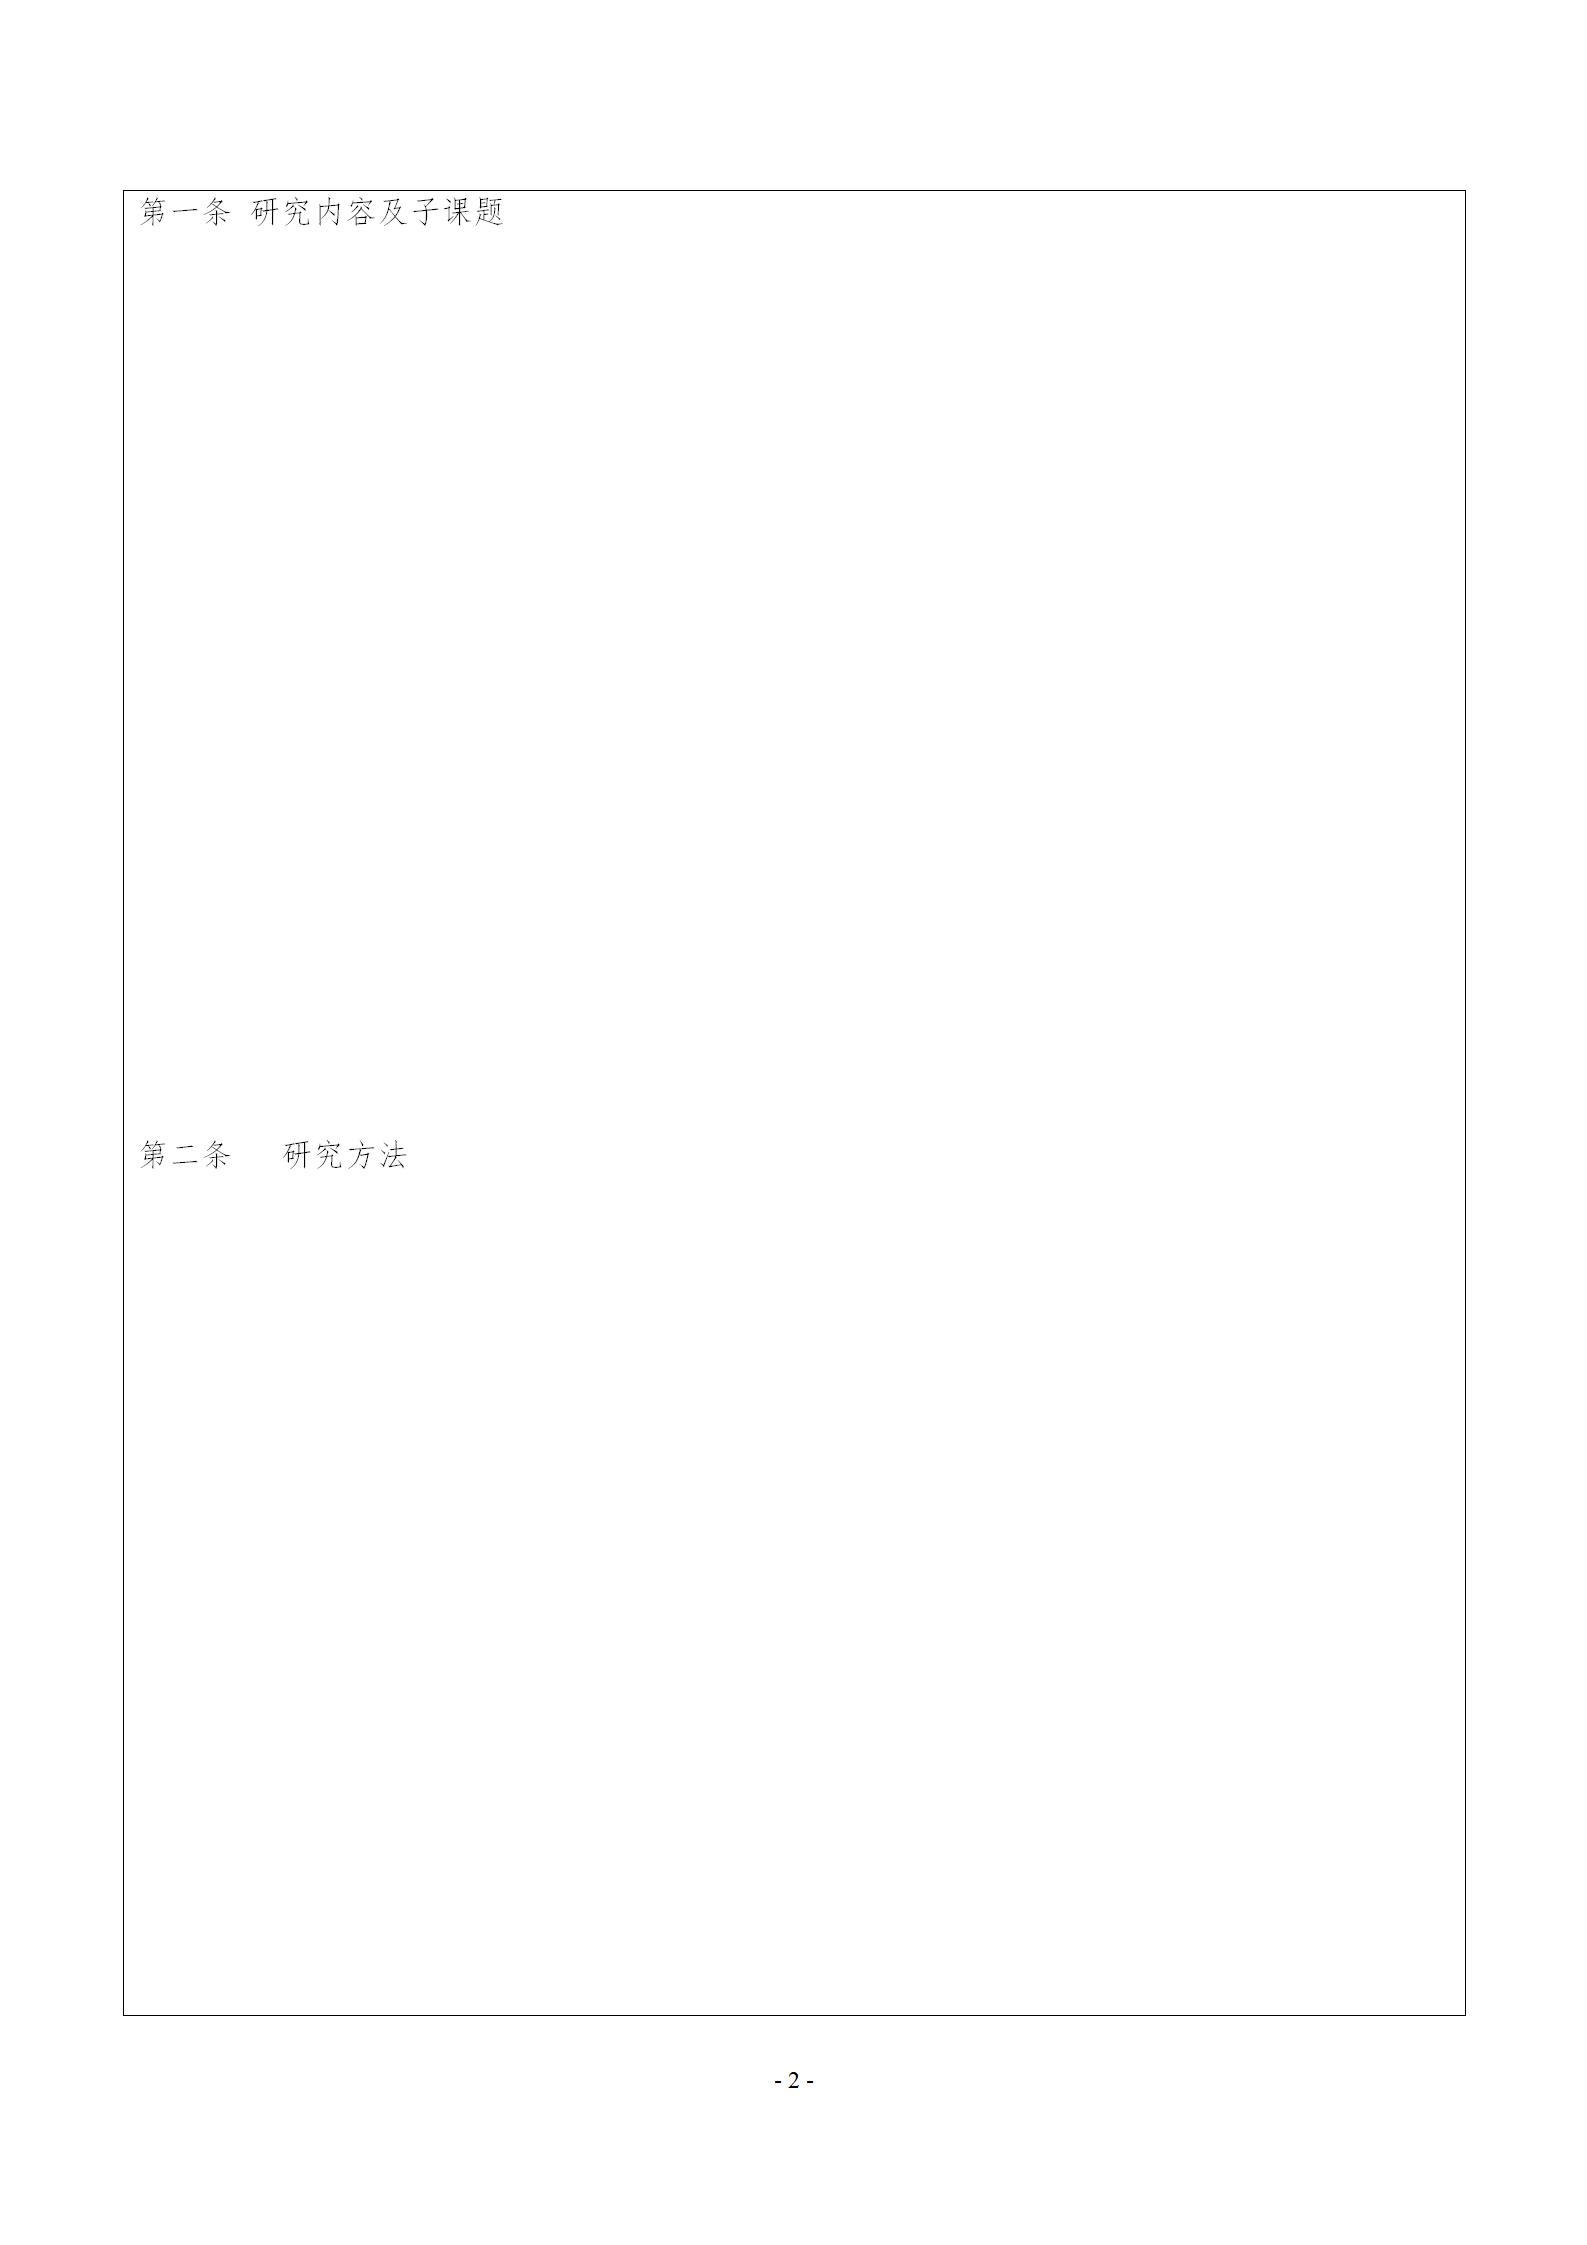 国知局:2019年度国家知识产权局课题研究项目立项名单公布!